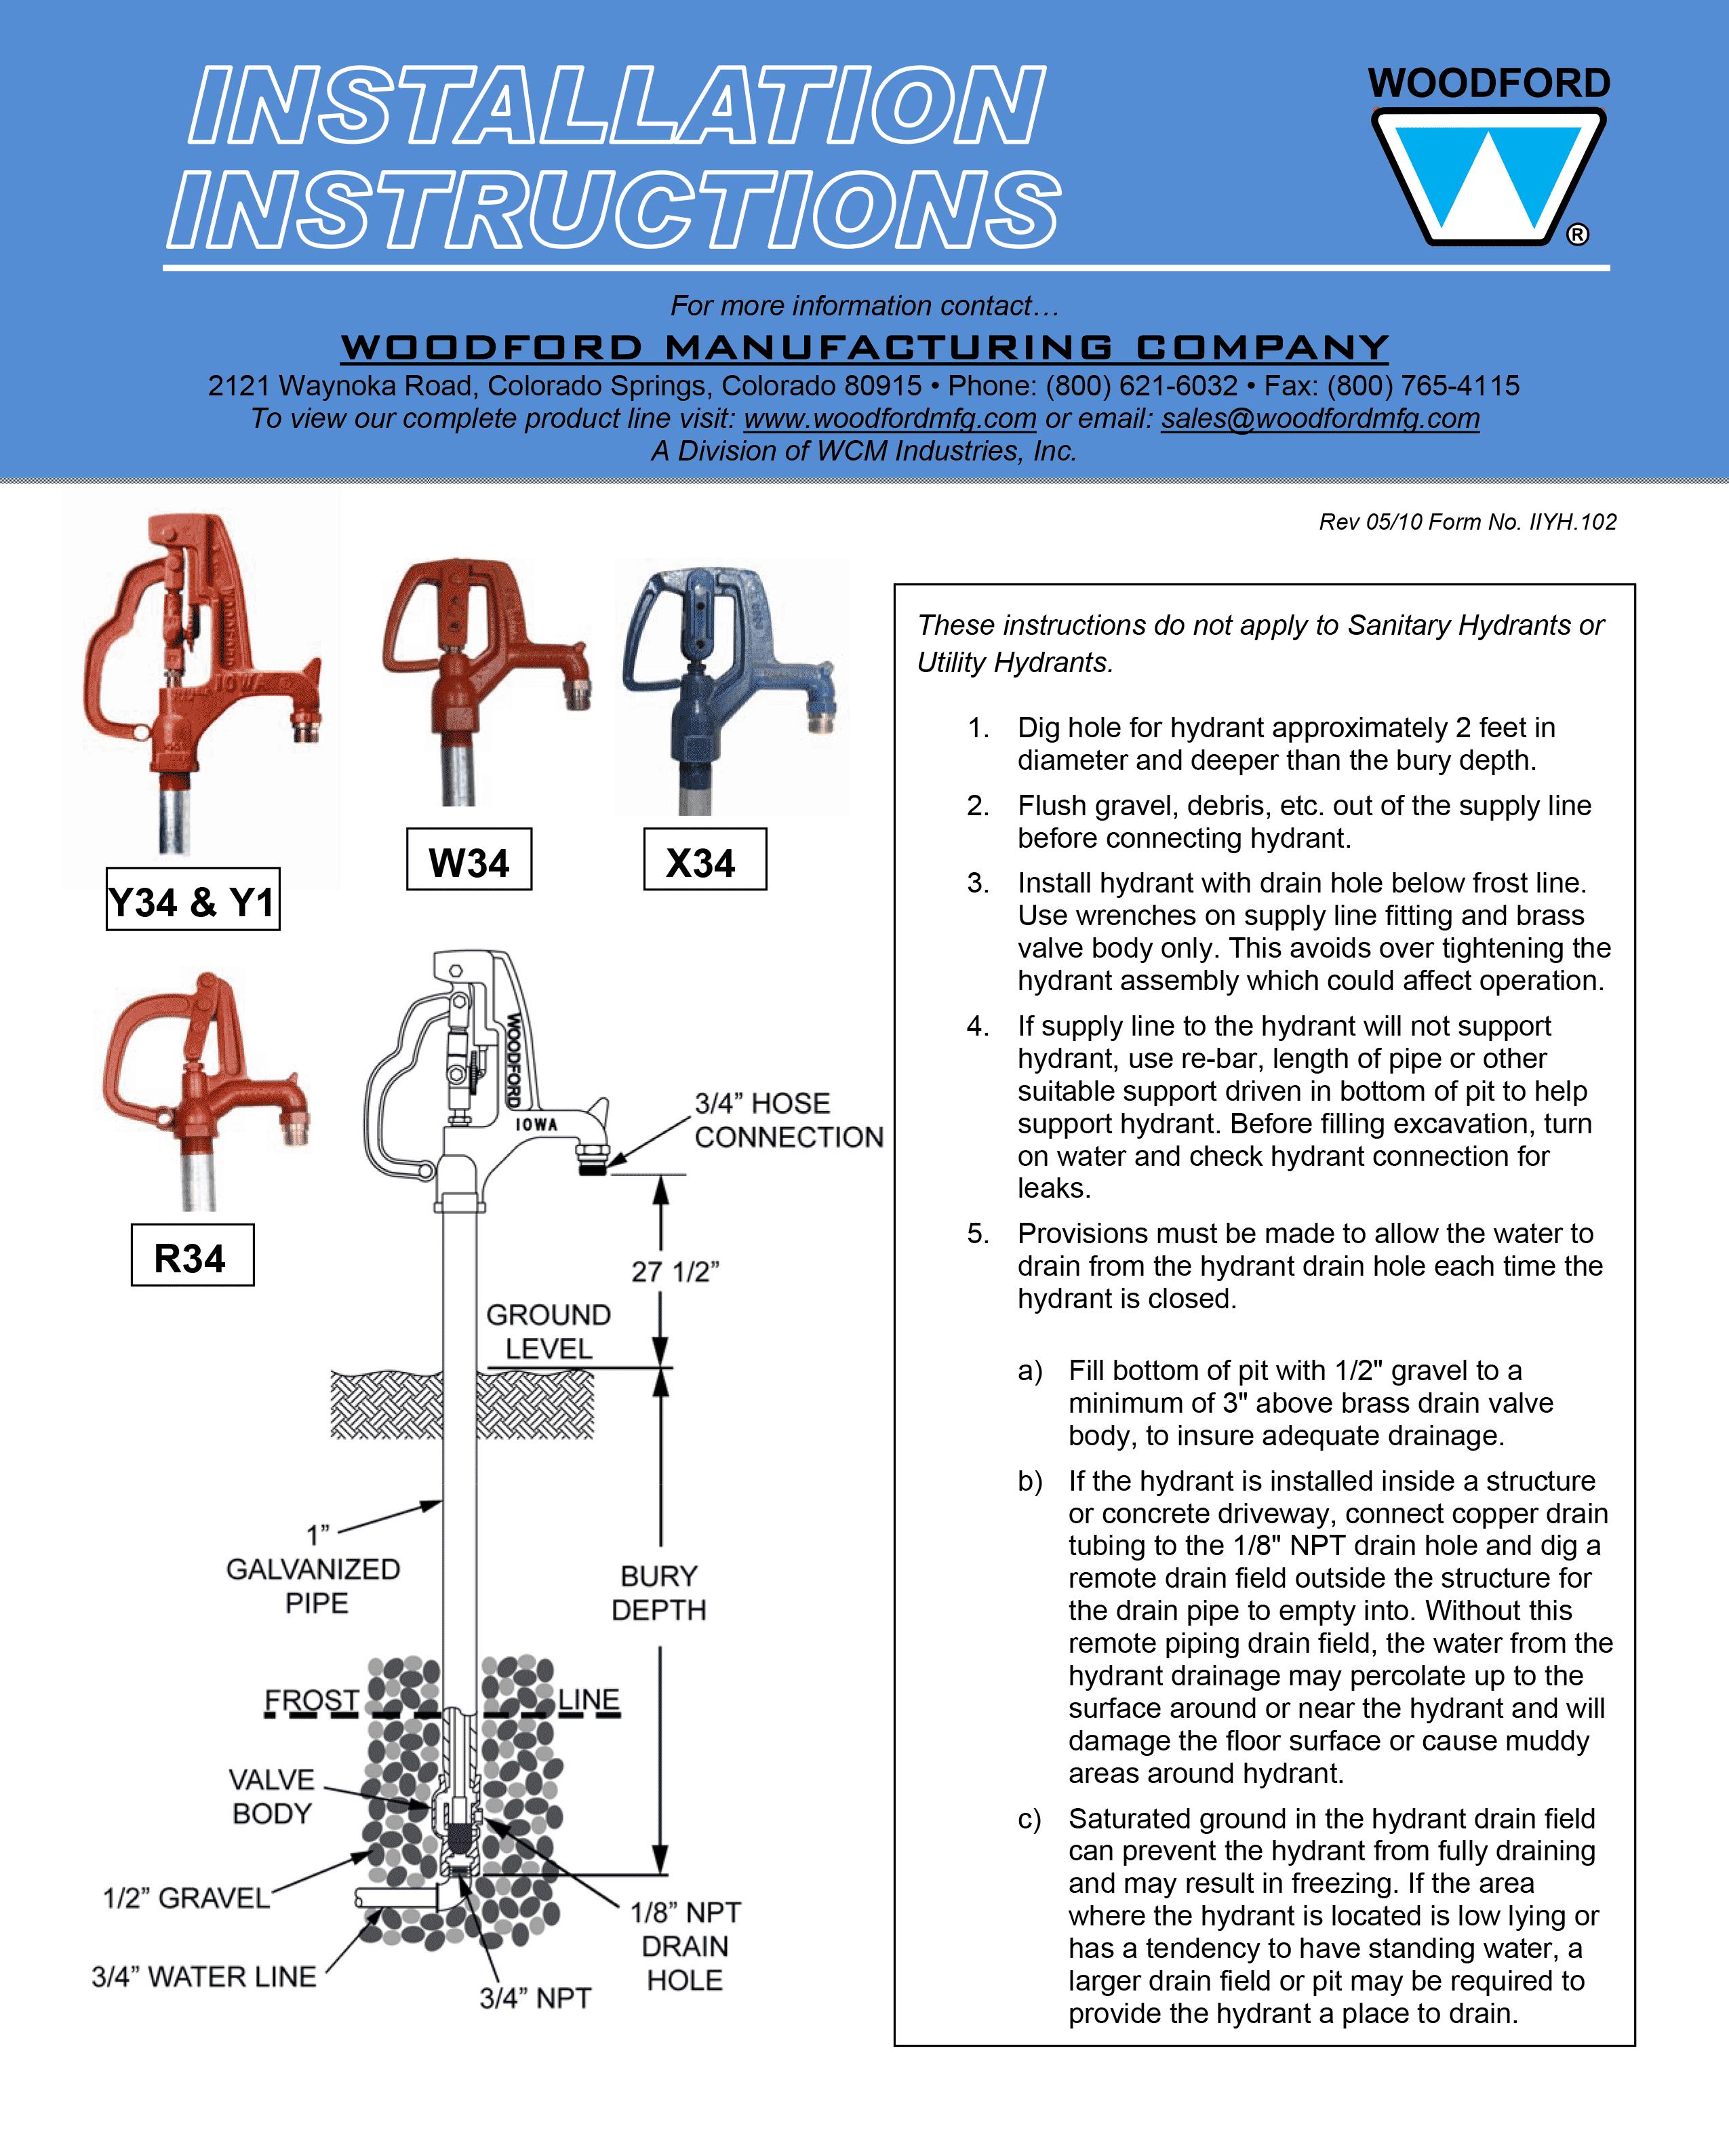 Woodford-Model-Y34-W34-X34-R34-Y1-Yard-Hydrant-Installation-Instructions.png